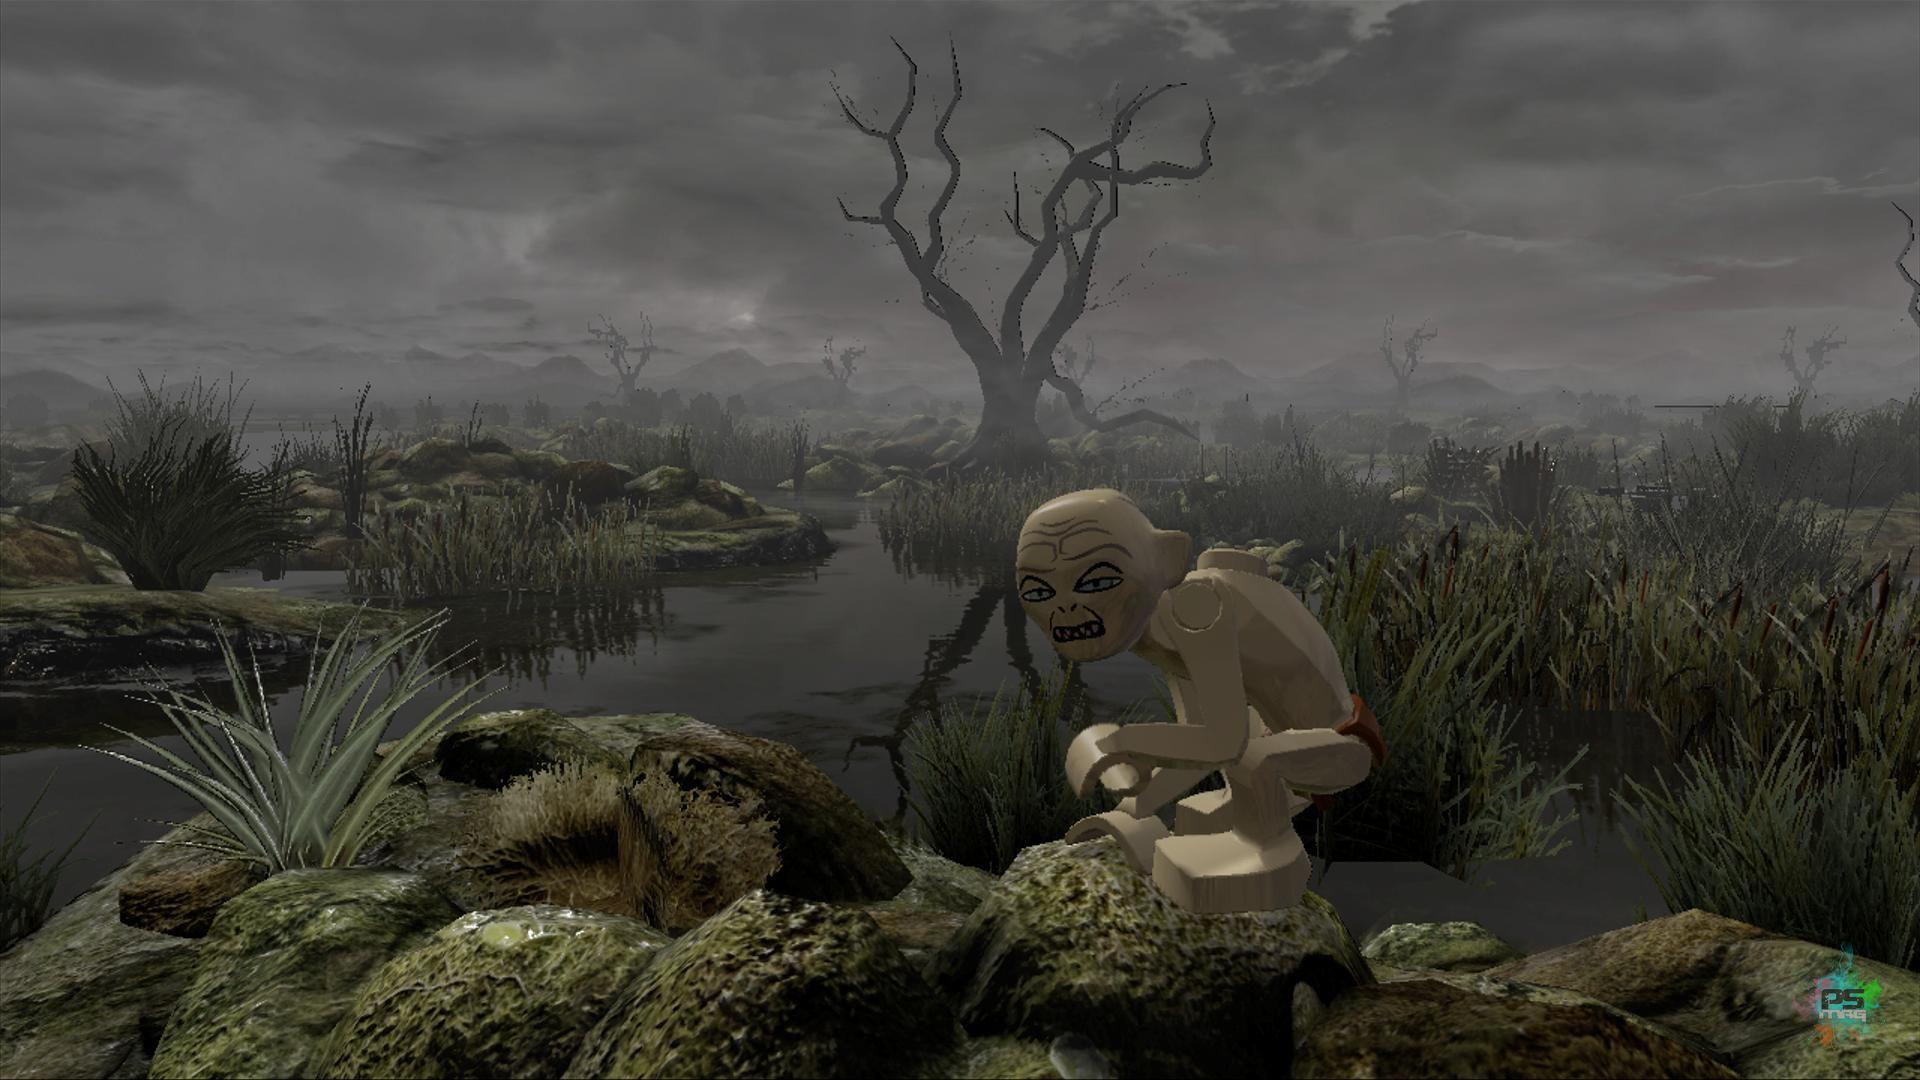 psmag - lego le seigneur des anneaux